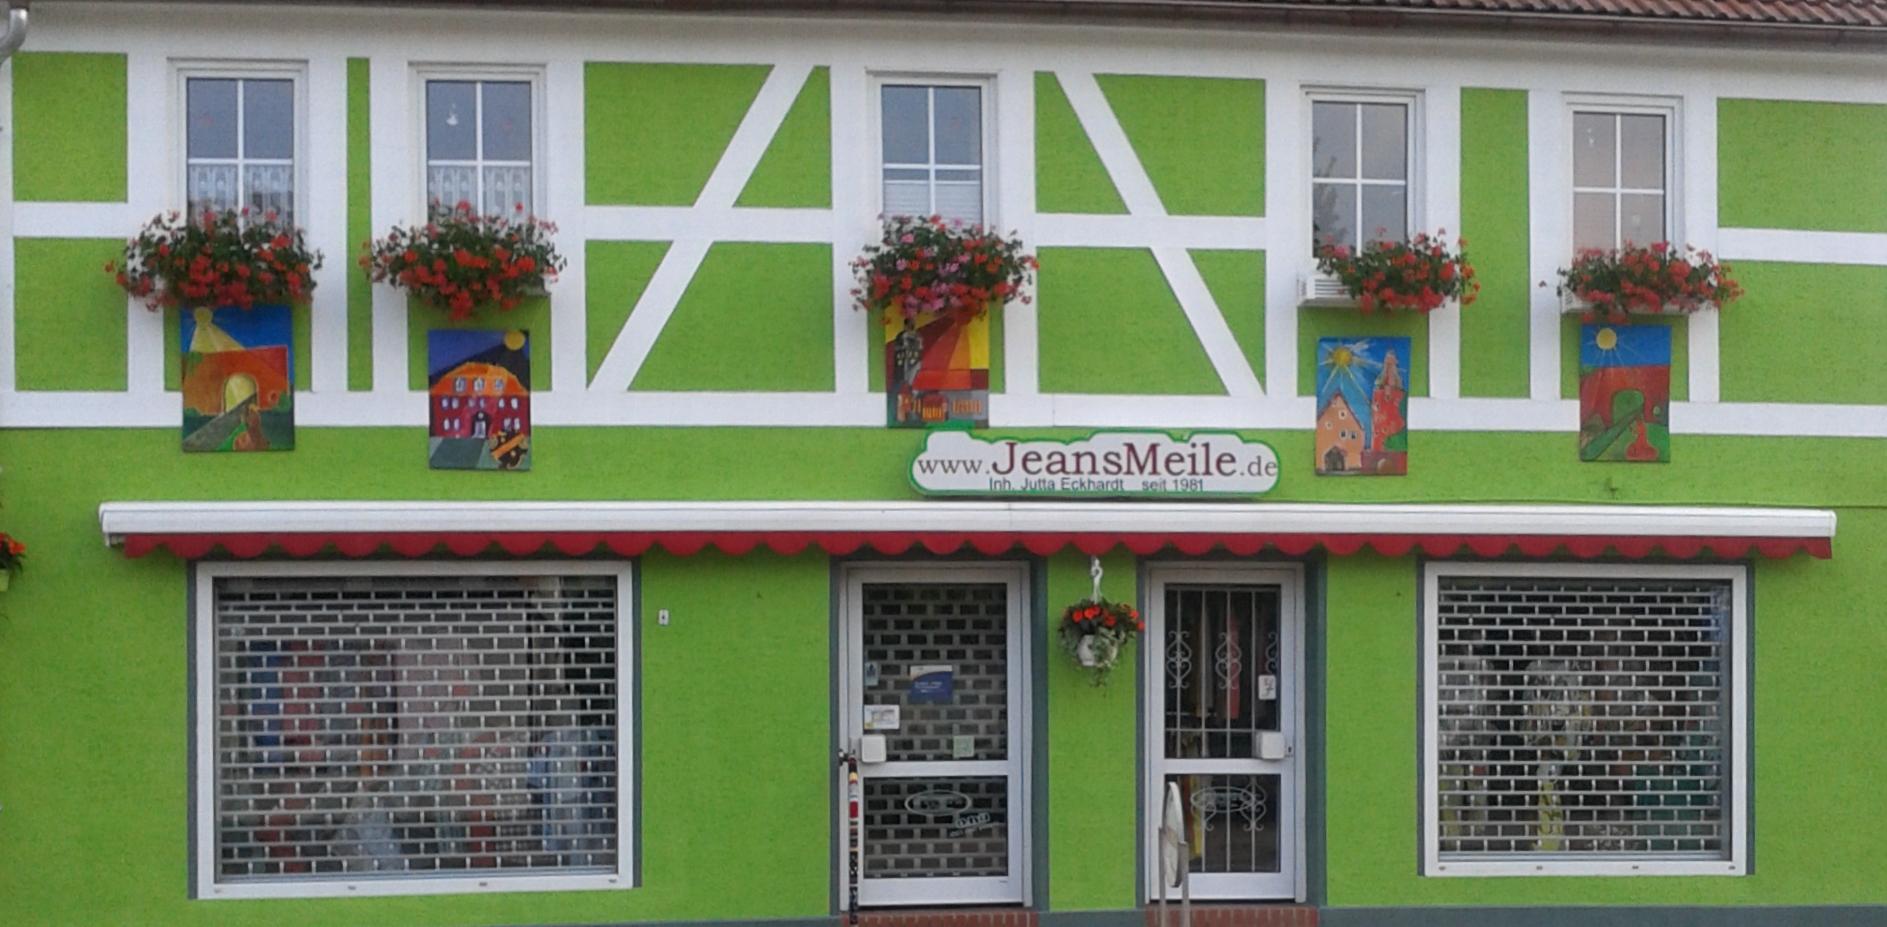 JeansMeile